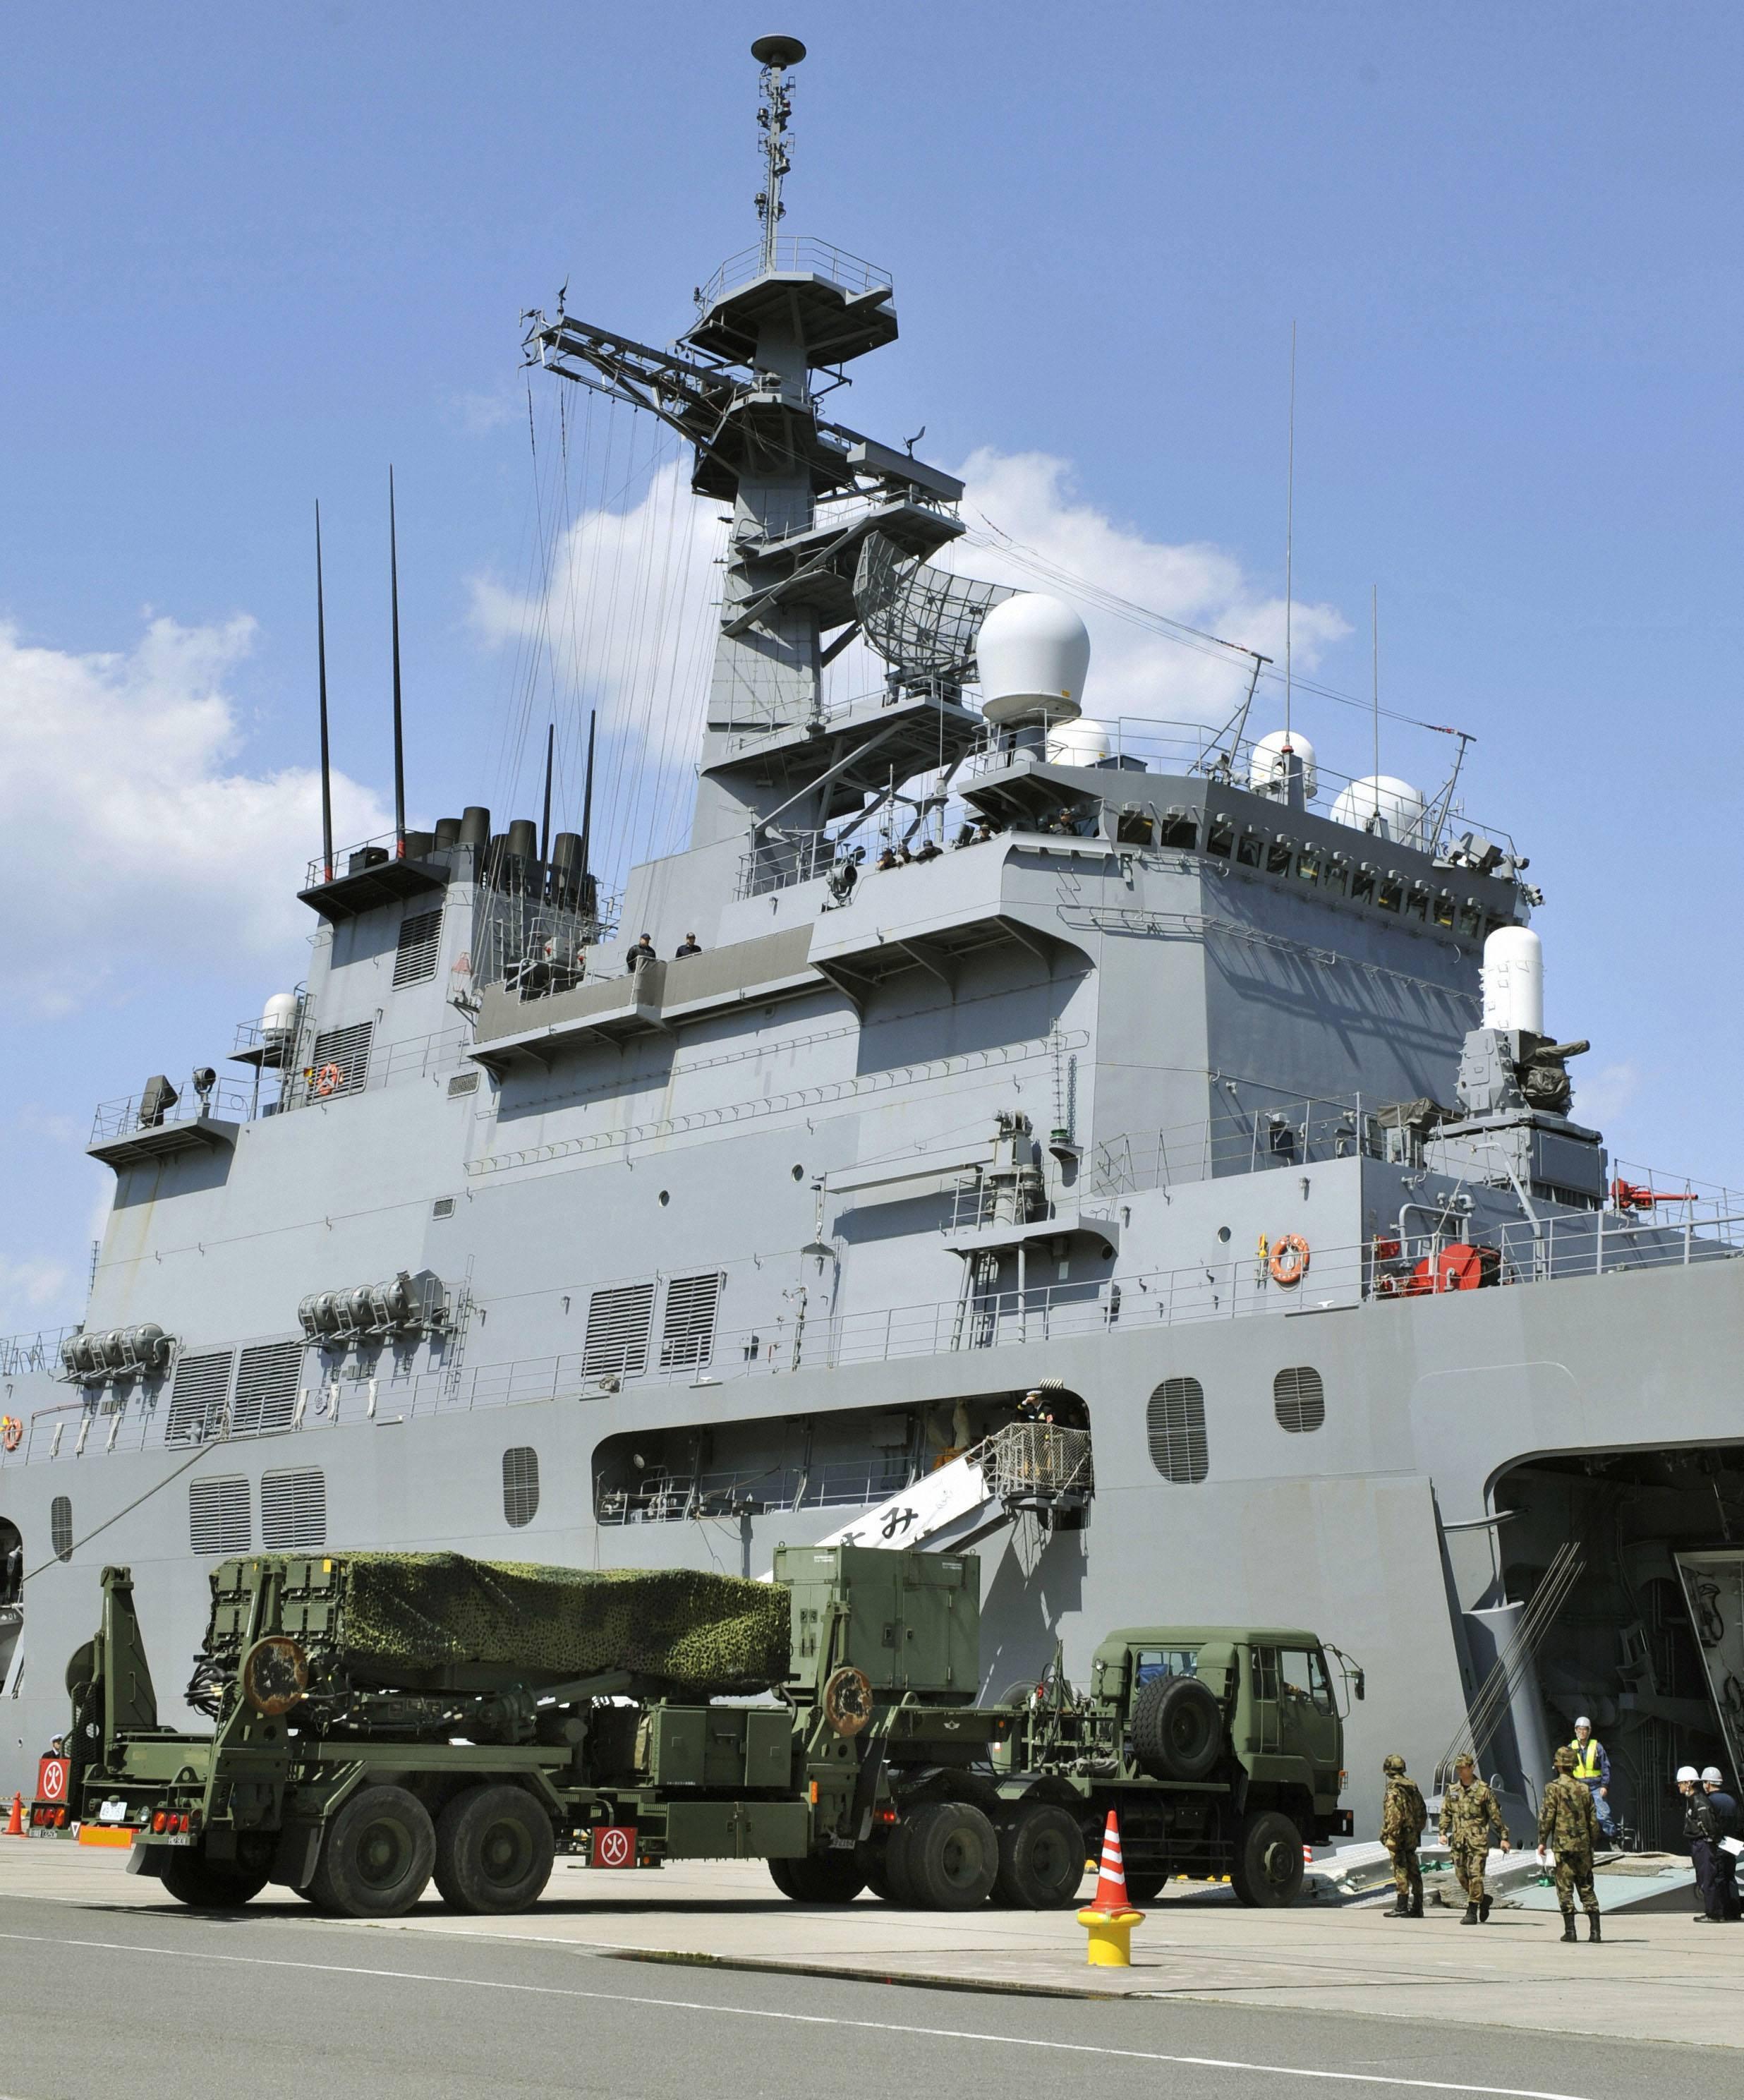 Quân đội Nhật hôm 30/03/2012 đã cho triển khai hệ thống phòng không  Patriot Advanced Capability-3  săn sàng bắn hạ tên lửa Bắc Triều Tiên.